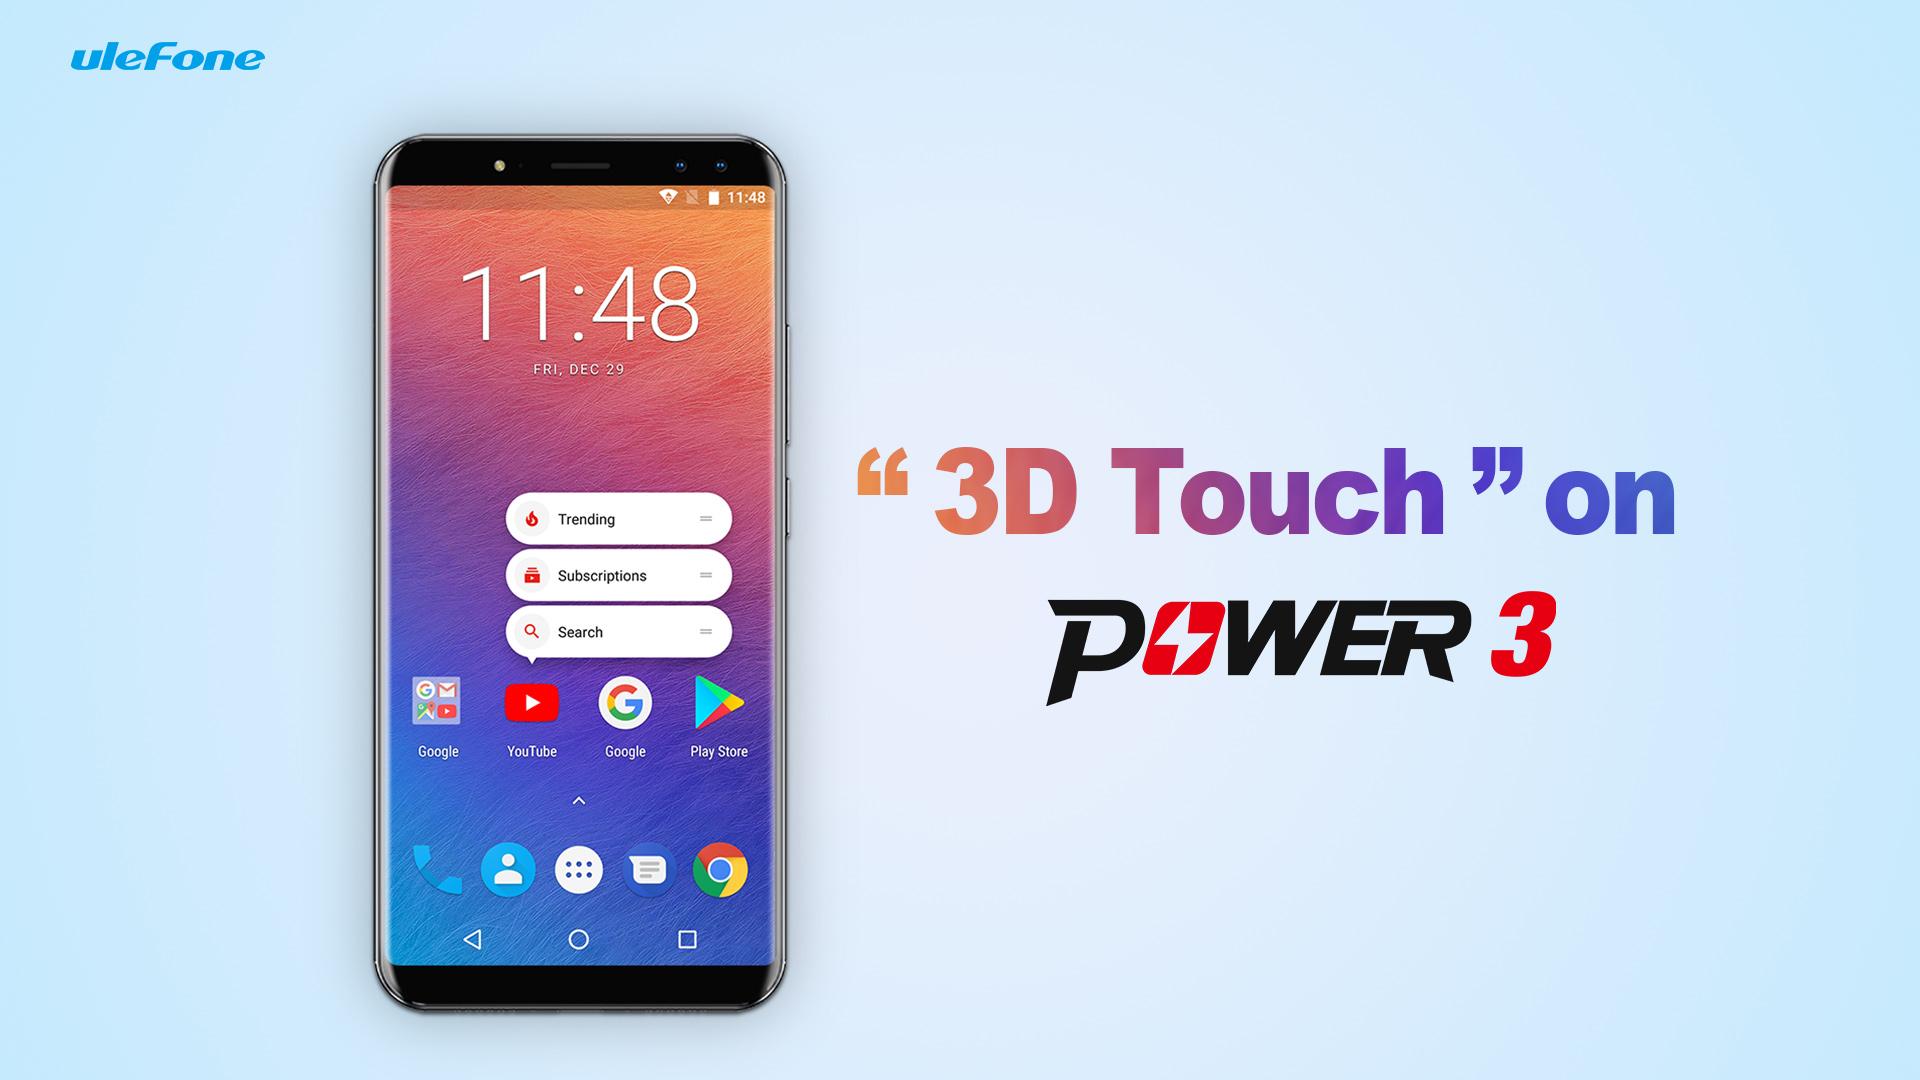 """Jak funguje """"3D Touch"""" na Ulefone Power 3 [Sponzorovaný článek]"""